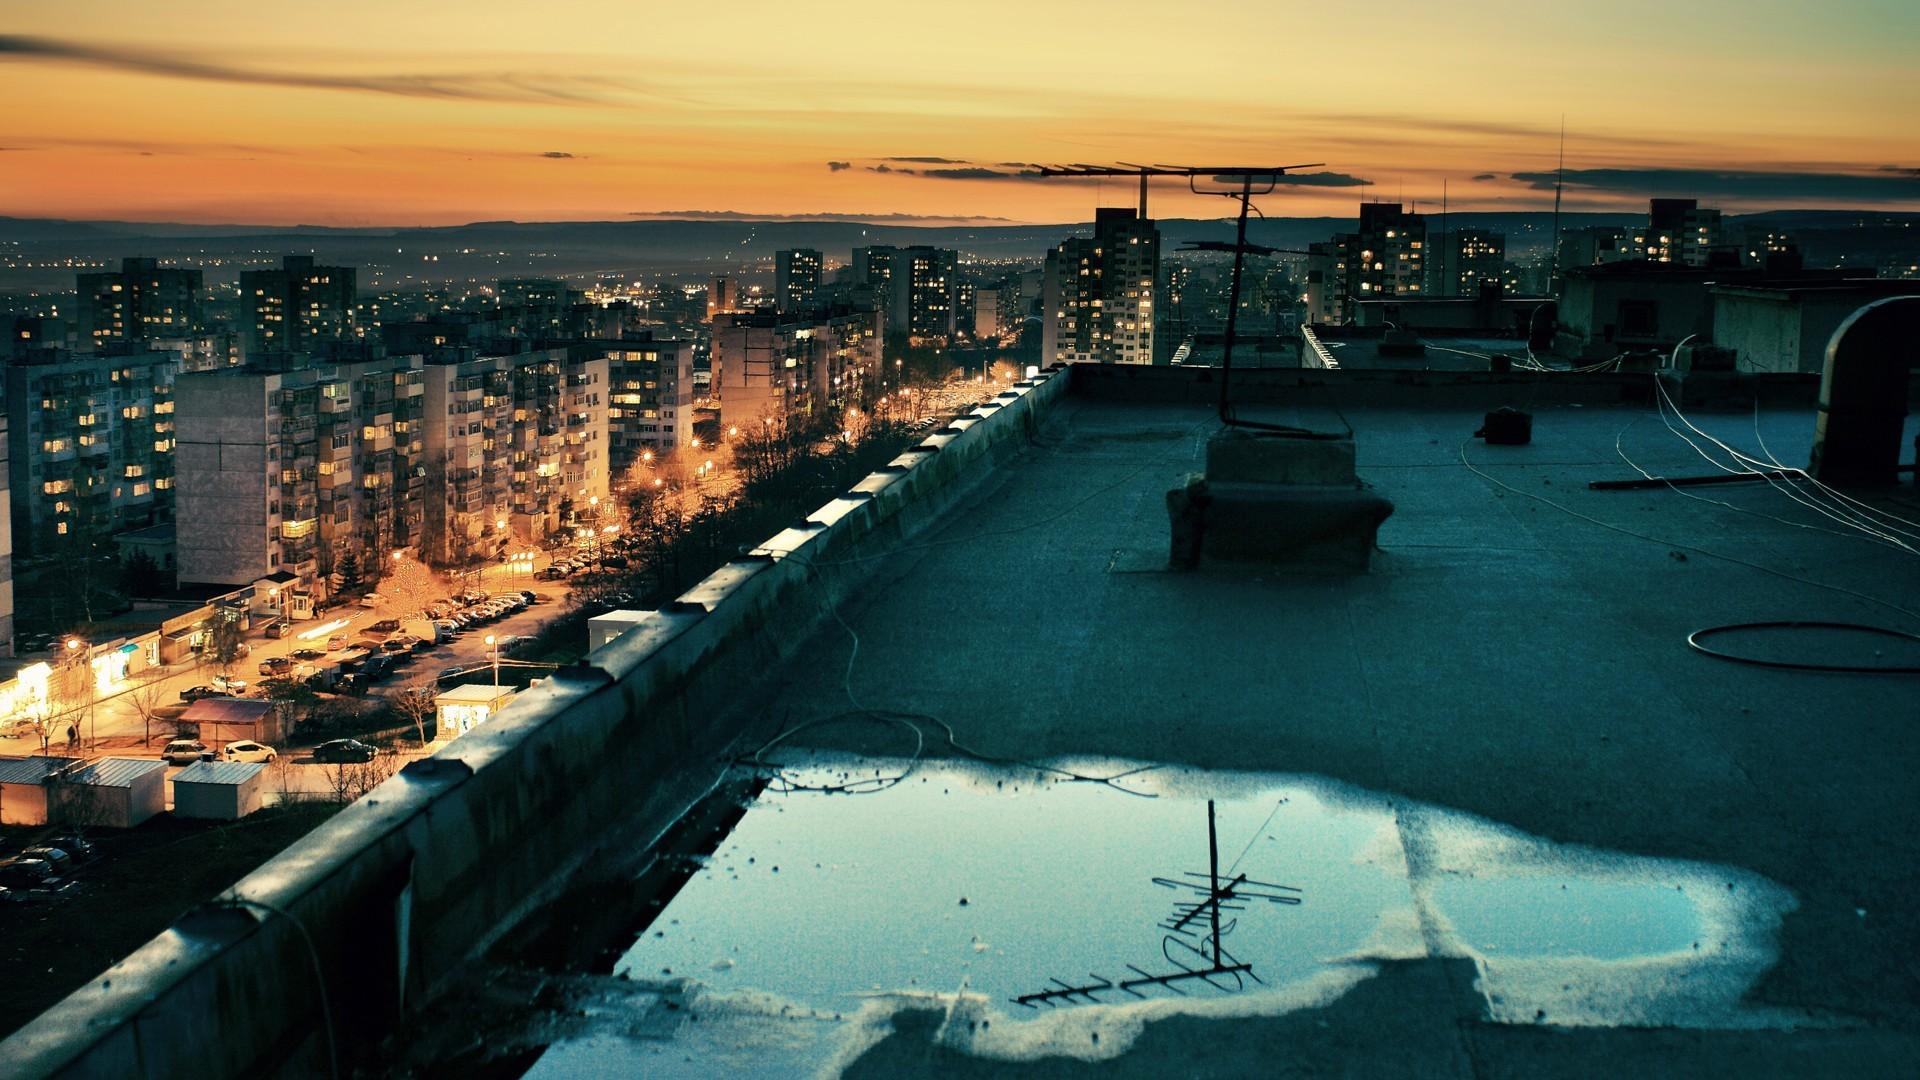 знаете фото на рабочий стол крыши домов самое организовать даче